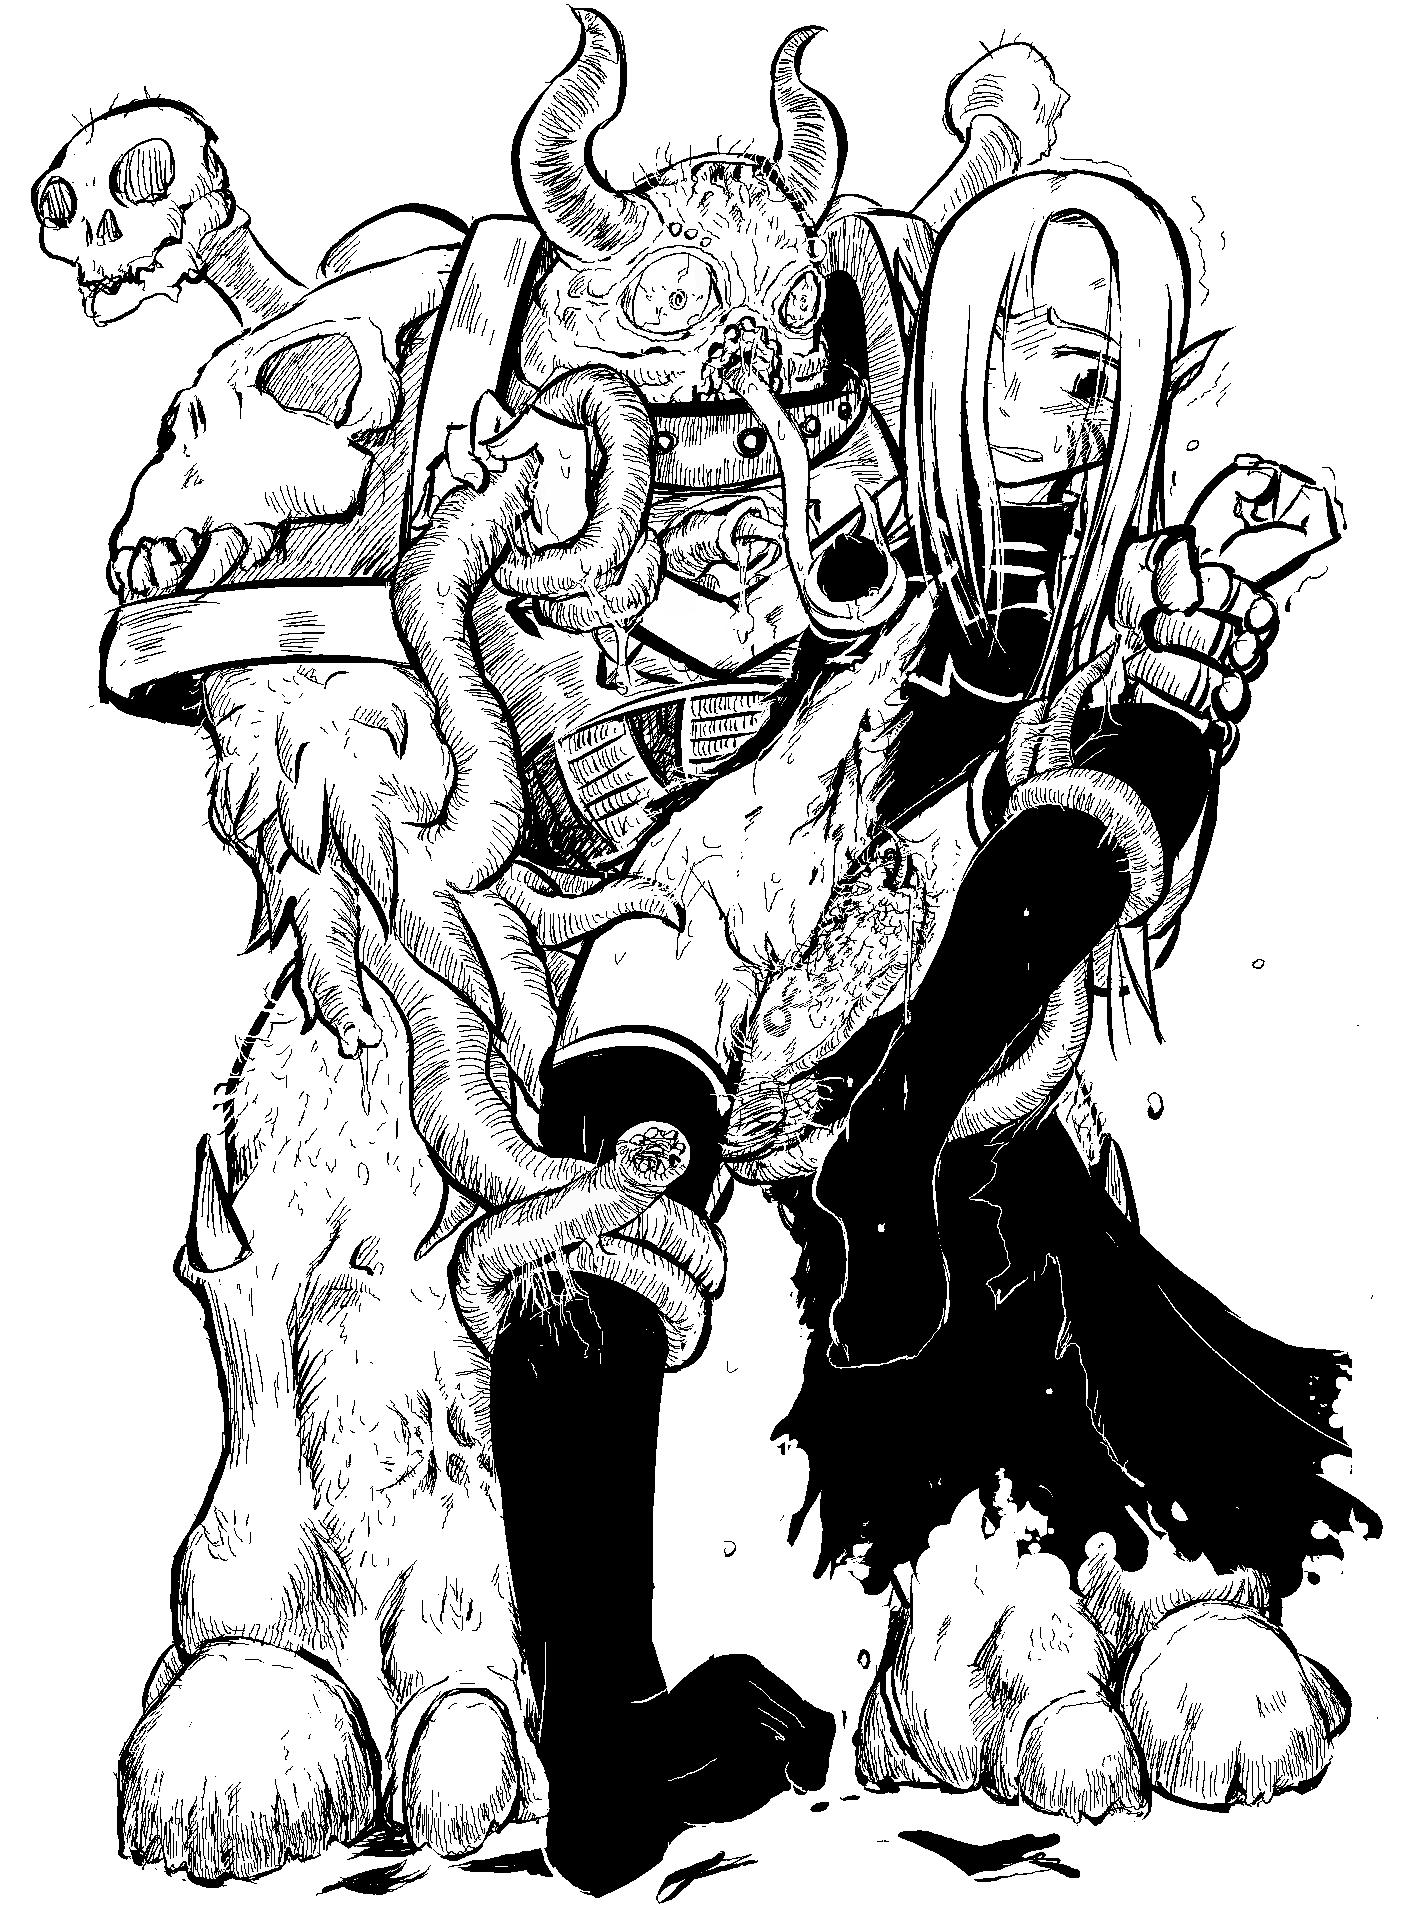 another chaos crawling nyarko-san: f Fire emblem heroes summer linde